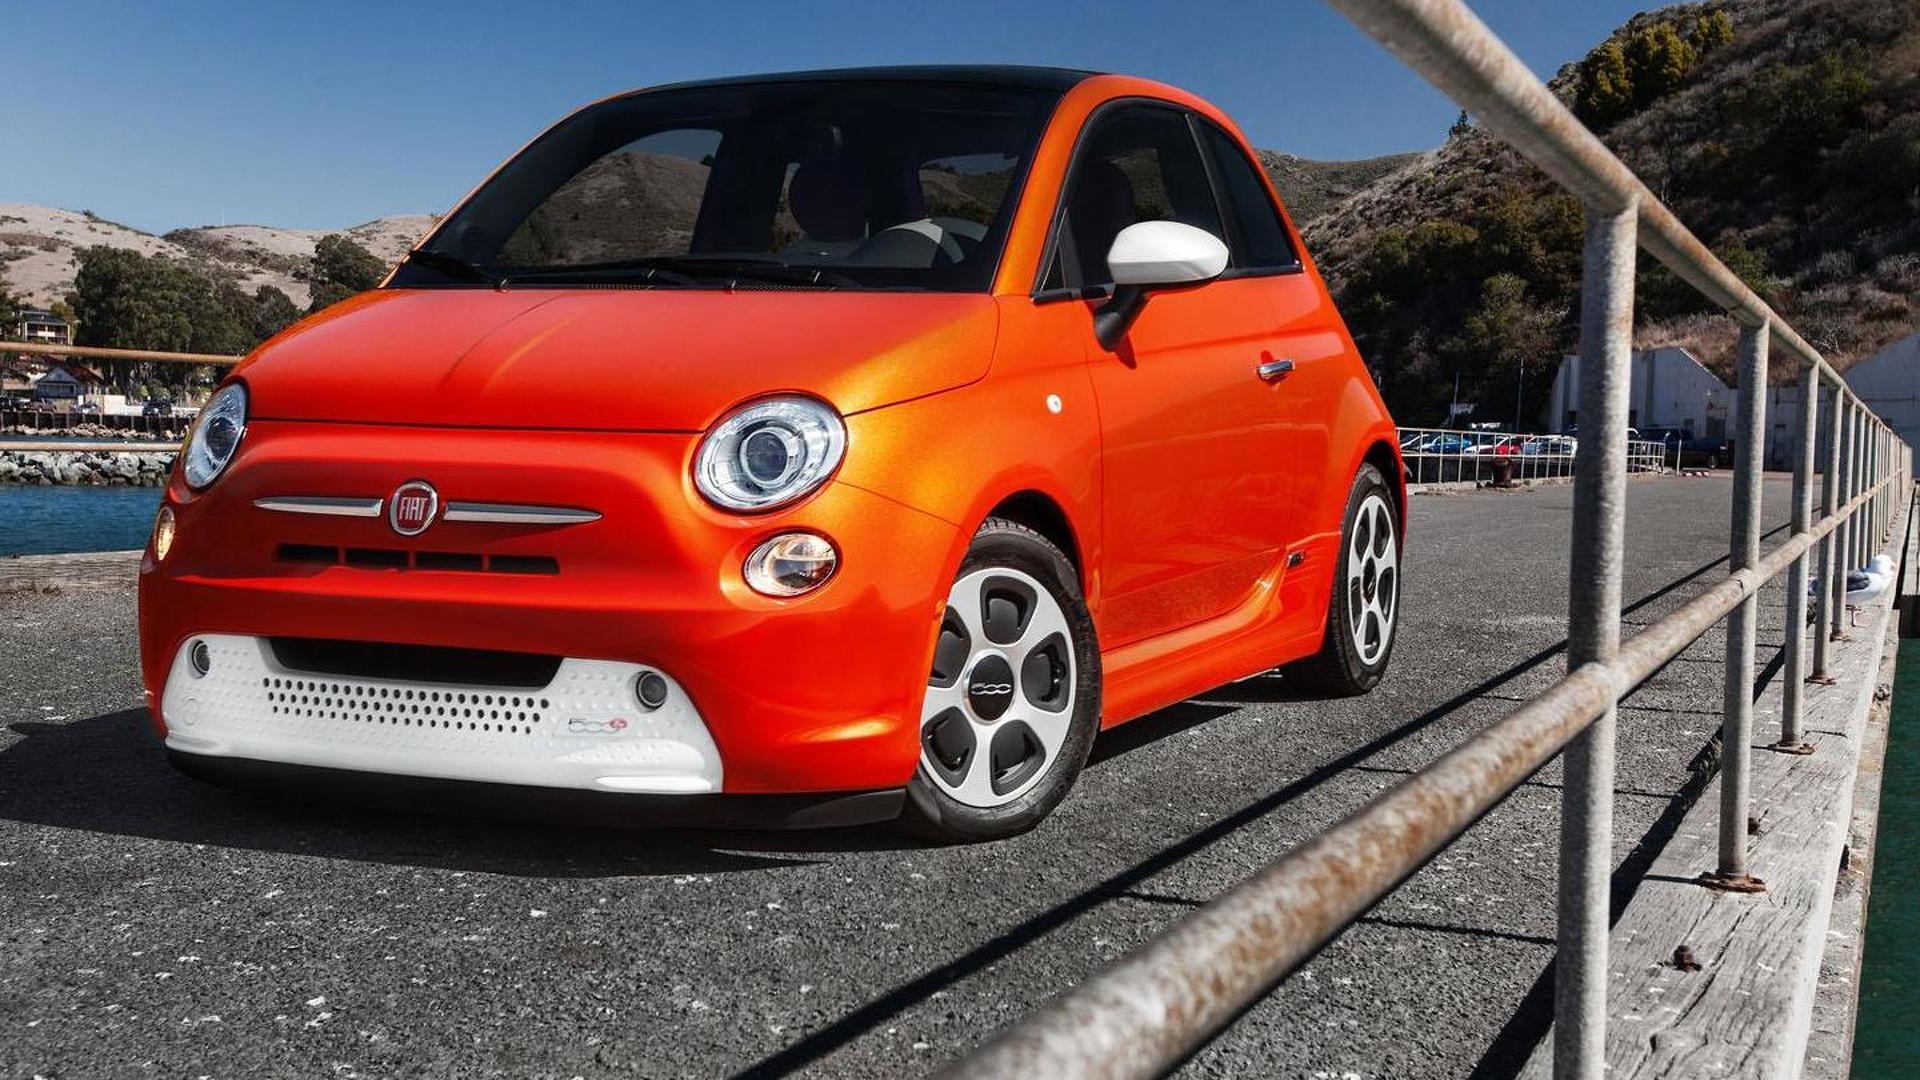 Fiat & Chrysler dismiss EVs & hybrids, will go turbo & diesel instead